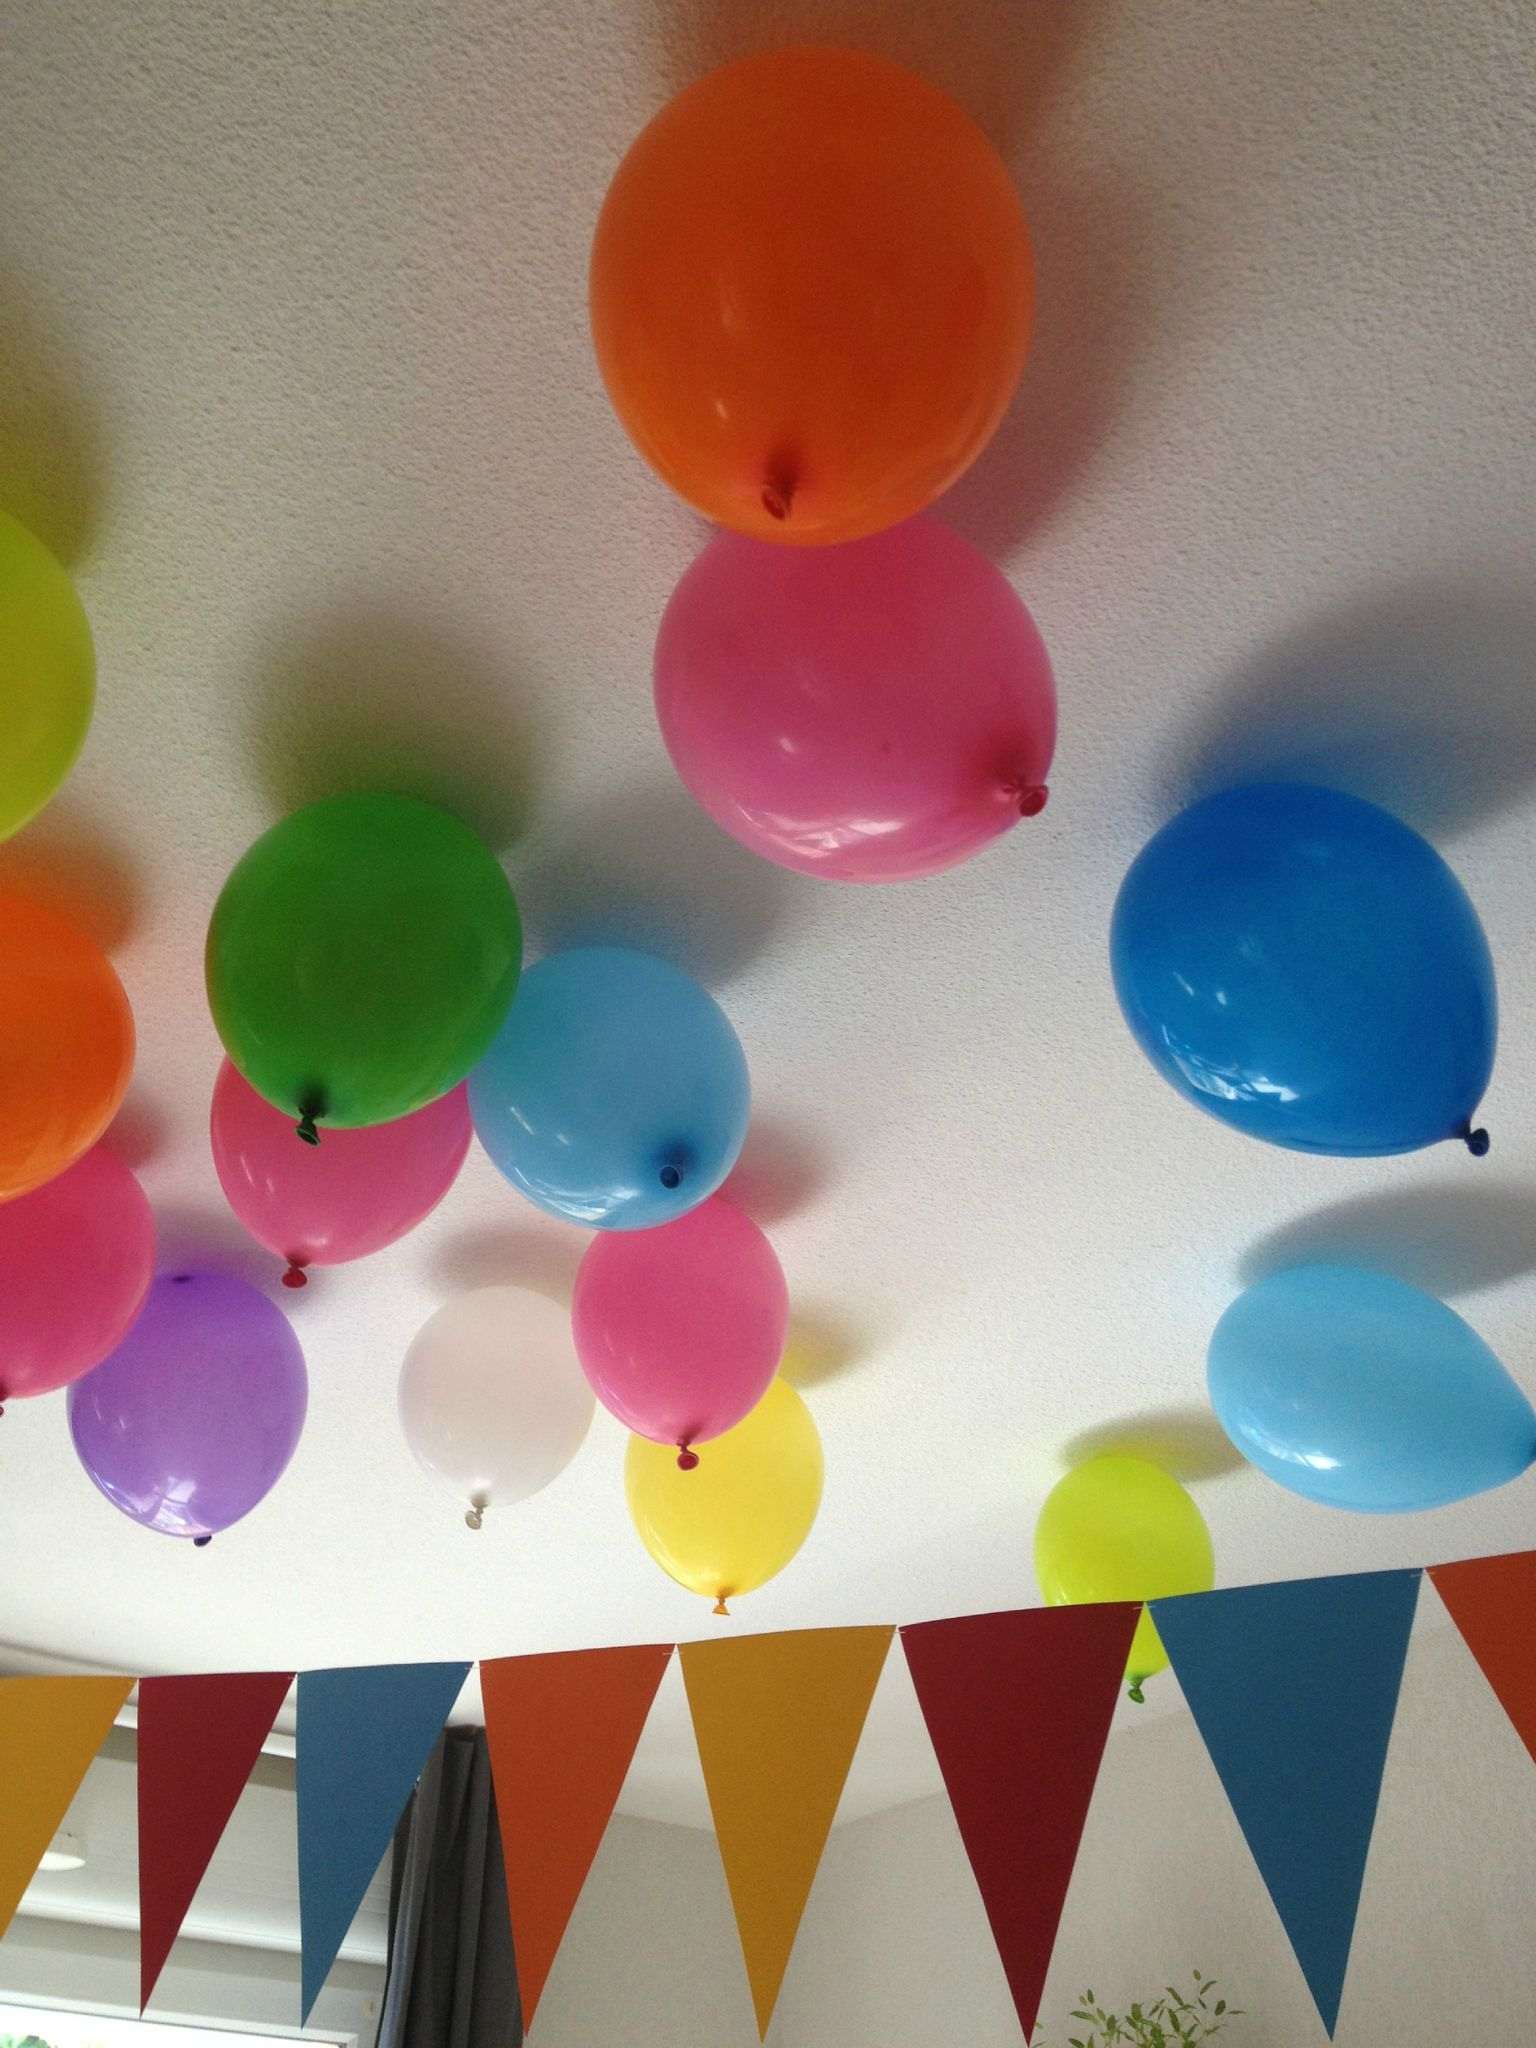 comment faire tenir un ballon de baudruche au plafond sans h lium vous allez adorer notre. Black Bedroom Furniture Sets. Home Design Ideas